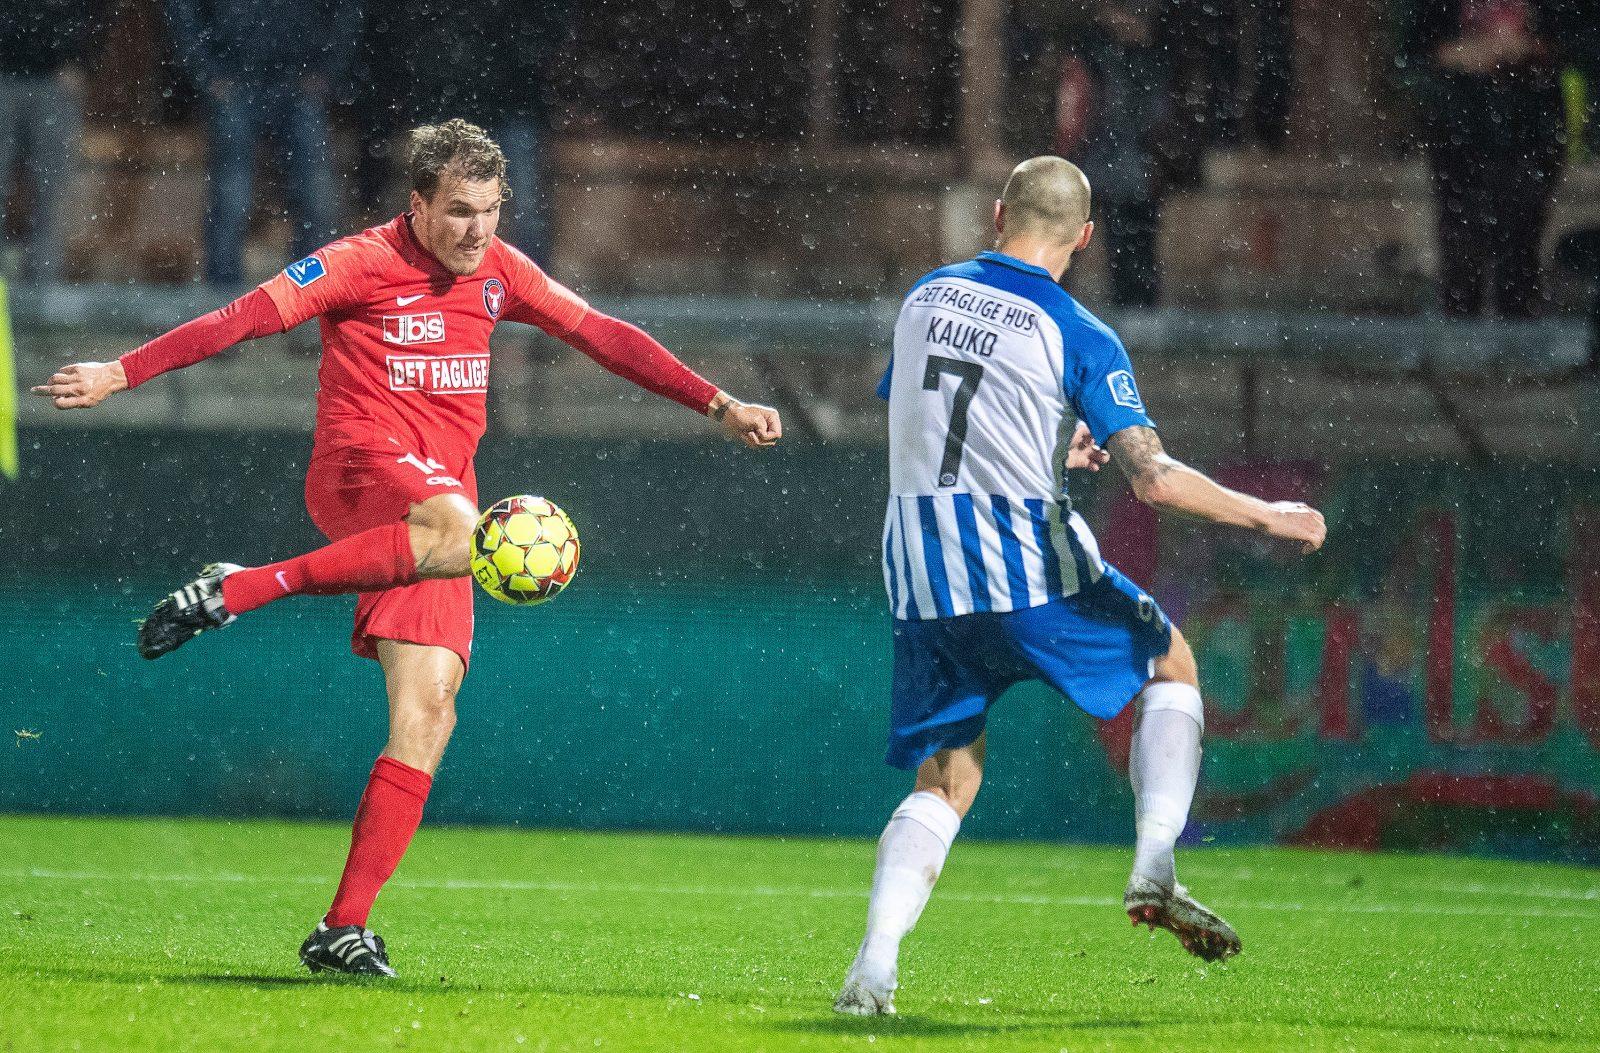 Esbjerg fB-FC Midtjylland-21